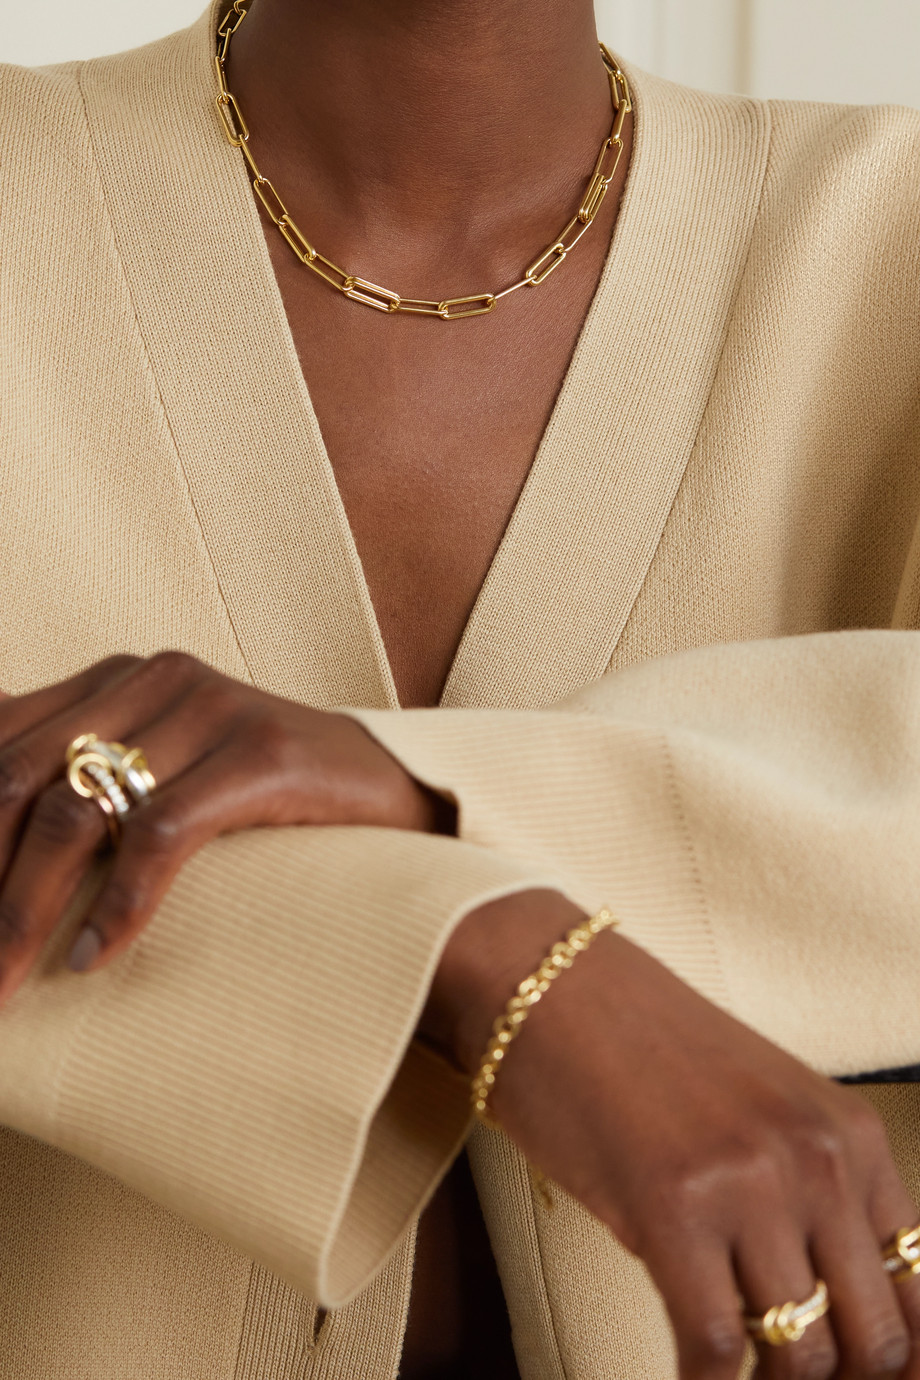 Spinelli Kilcollin Elliptical Kette aus 18 Karat Gold